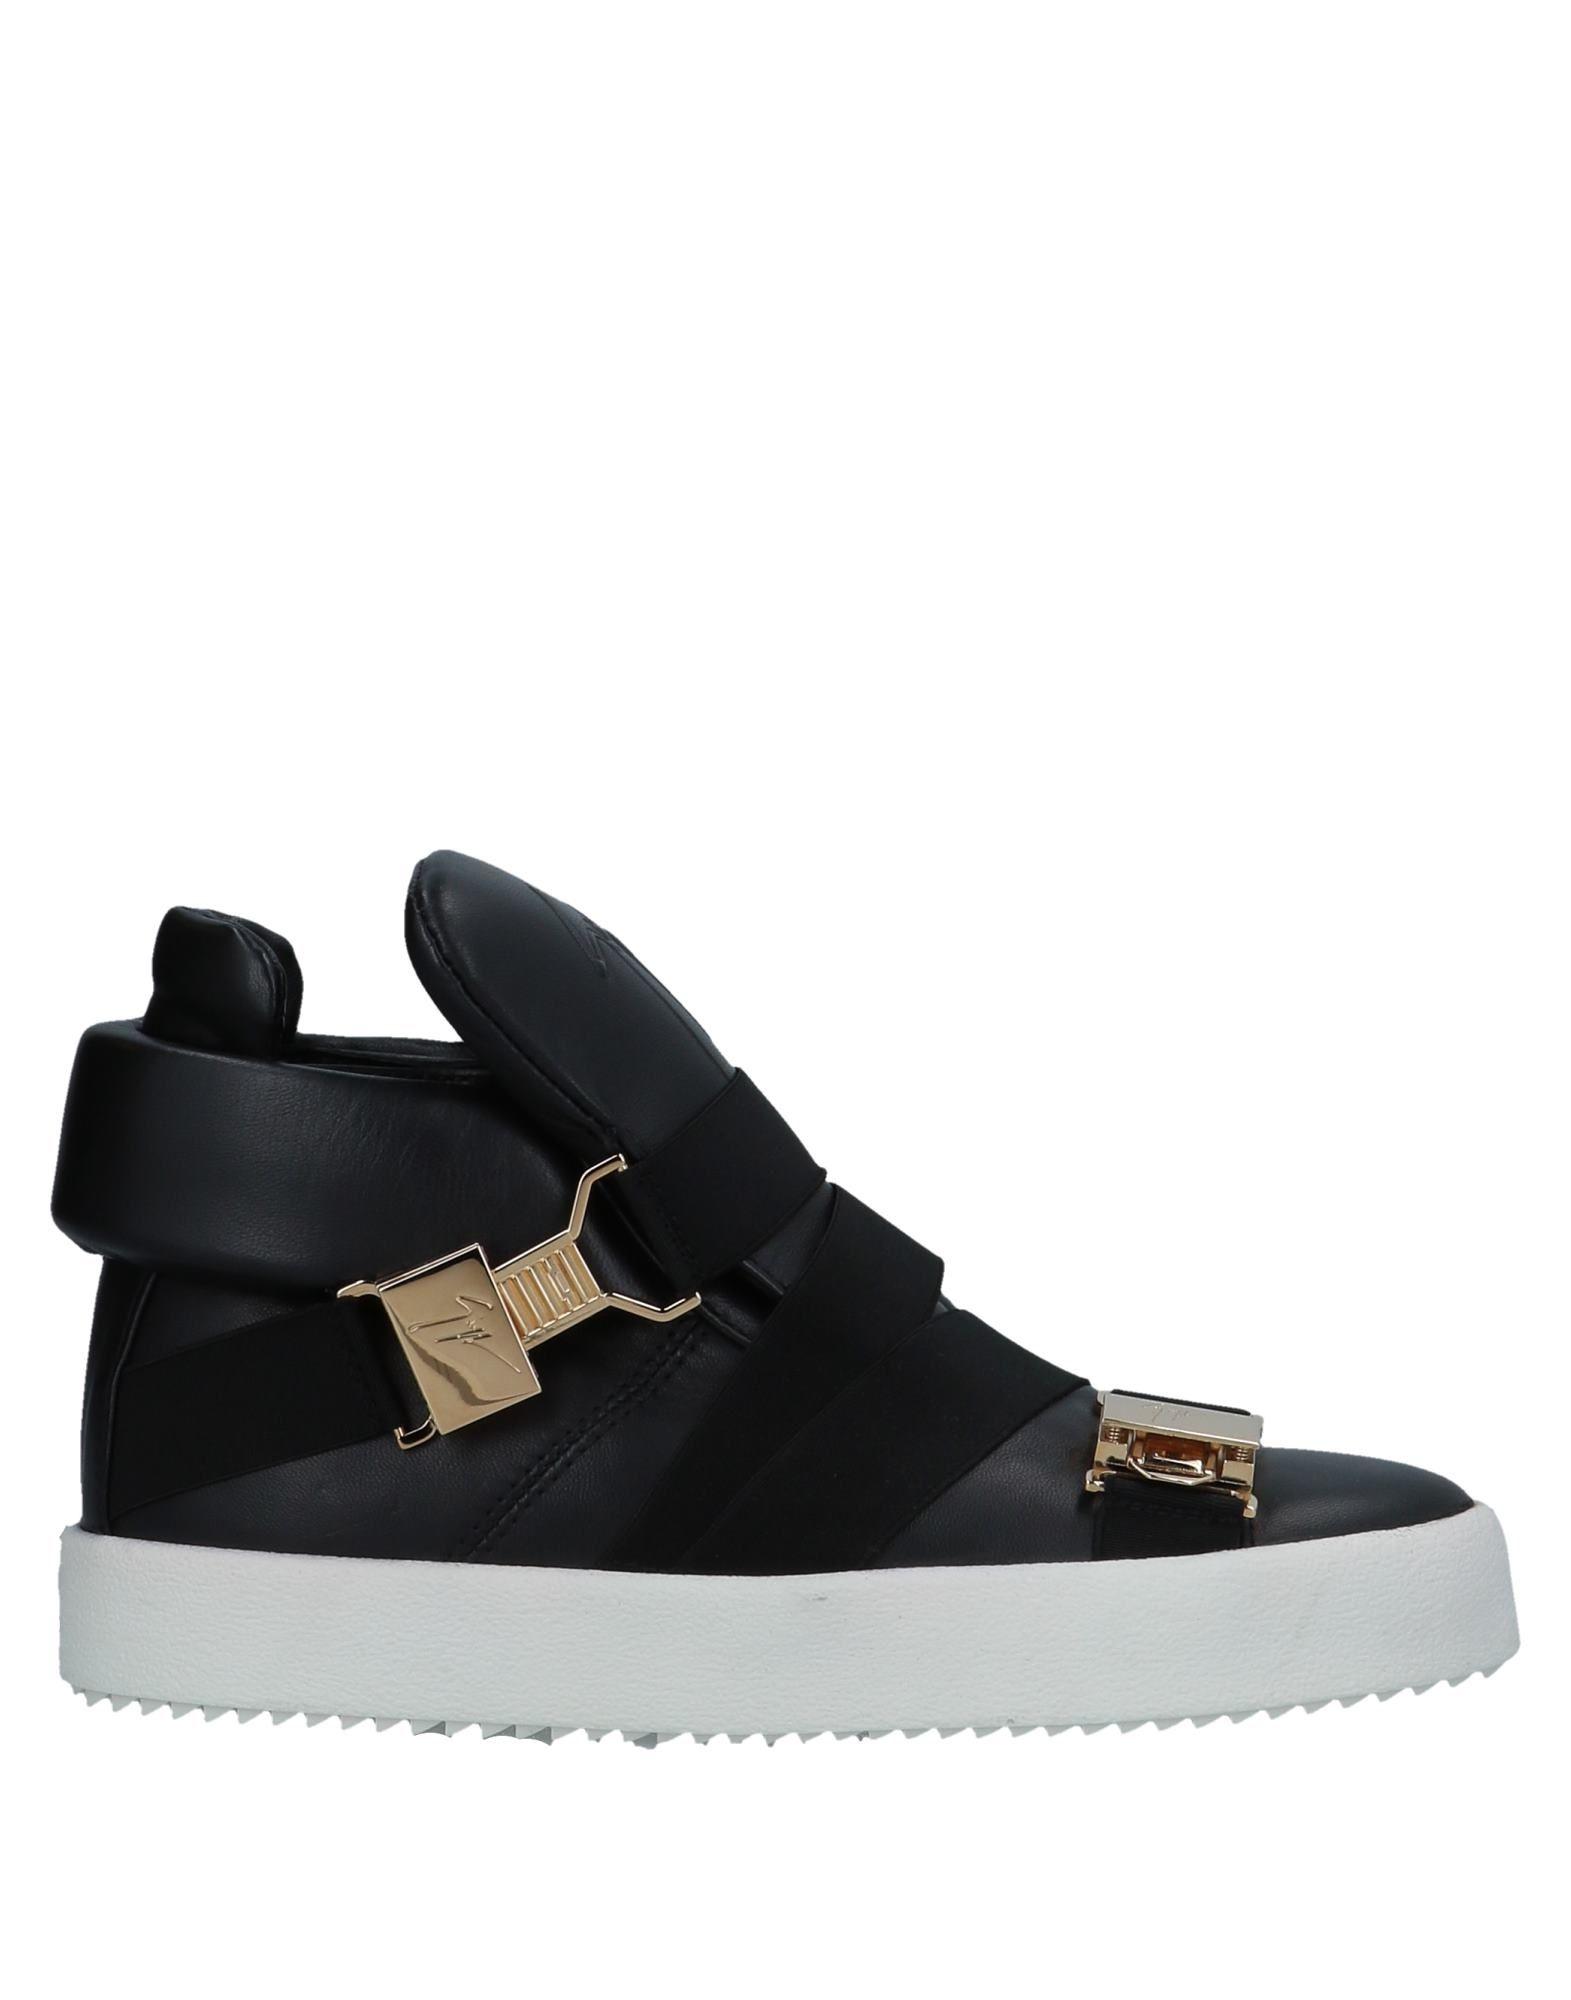 Giuseppe Giuseppe Zanotti Sneakers - Women Giuseppe Giuseppe Zanotti Sneakers online on  Canada - 11509335OQ 366e23